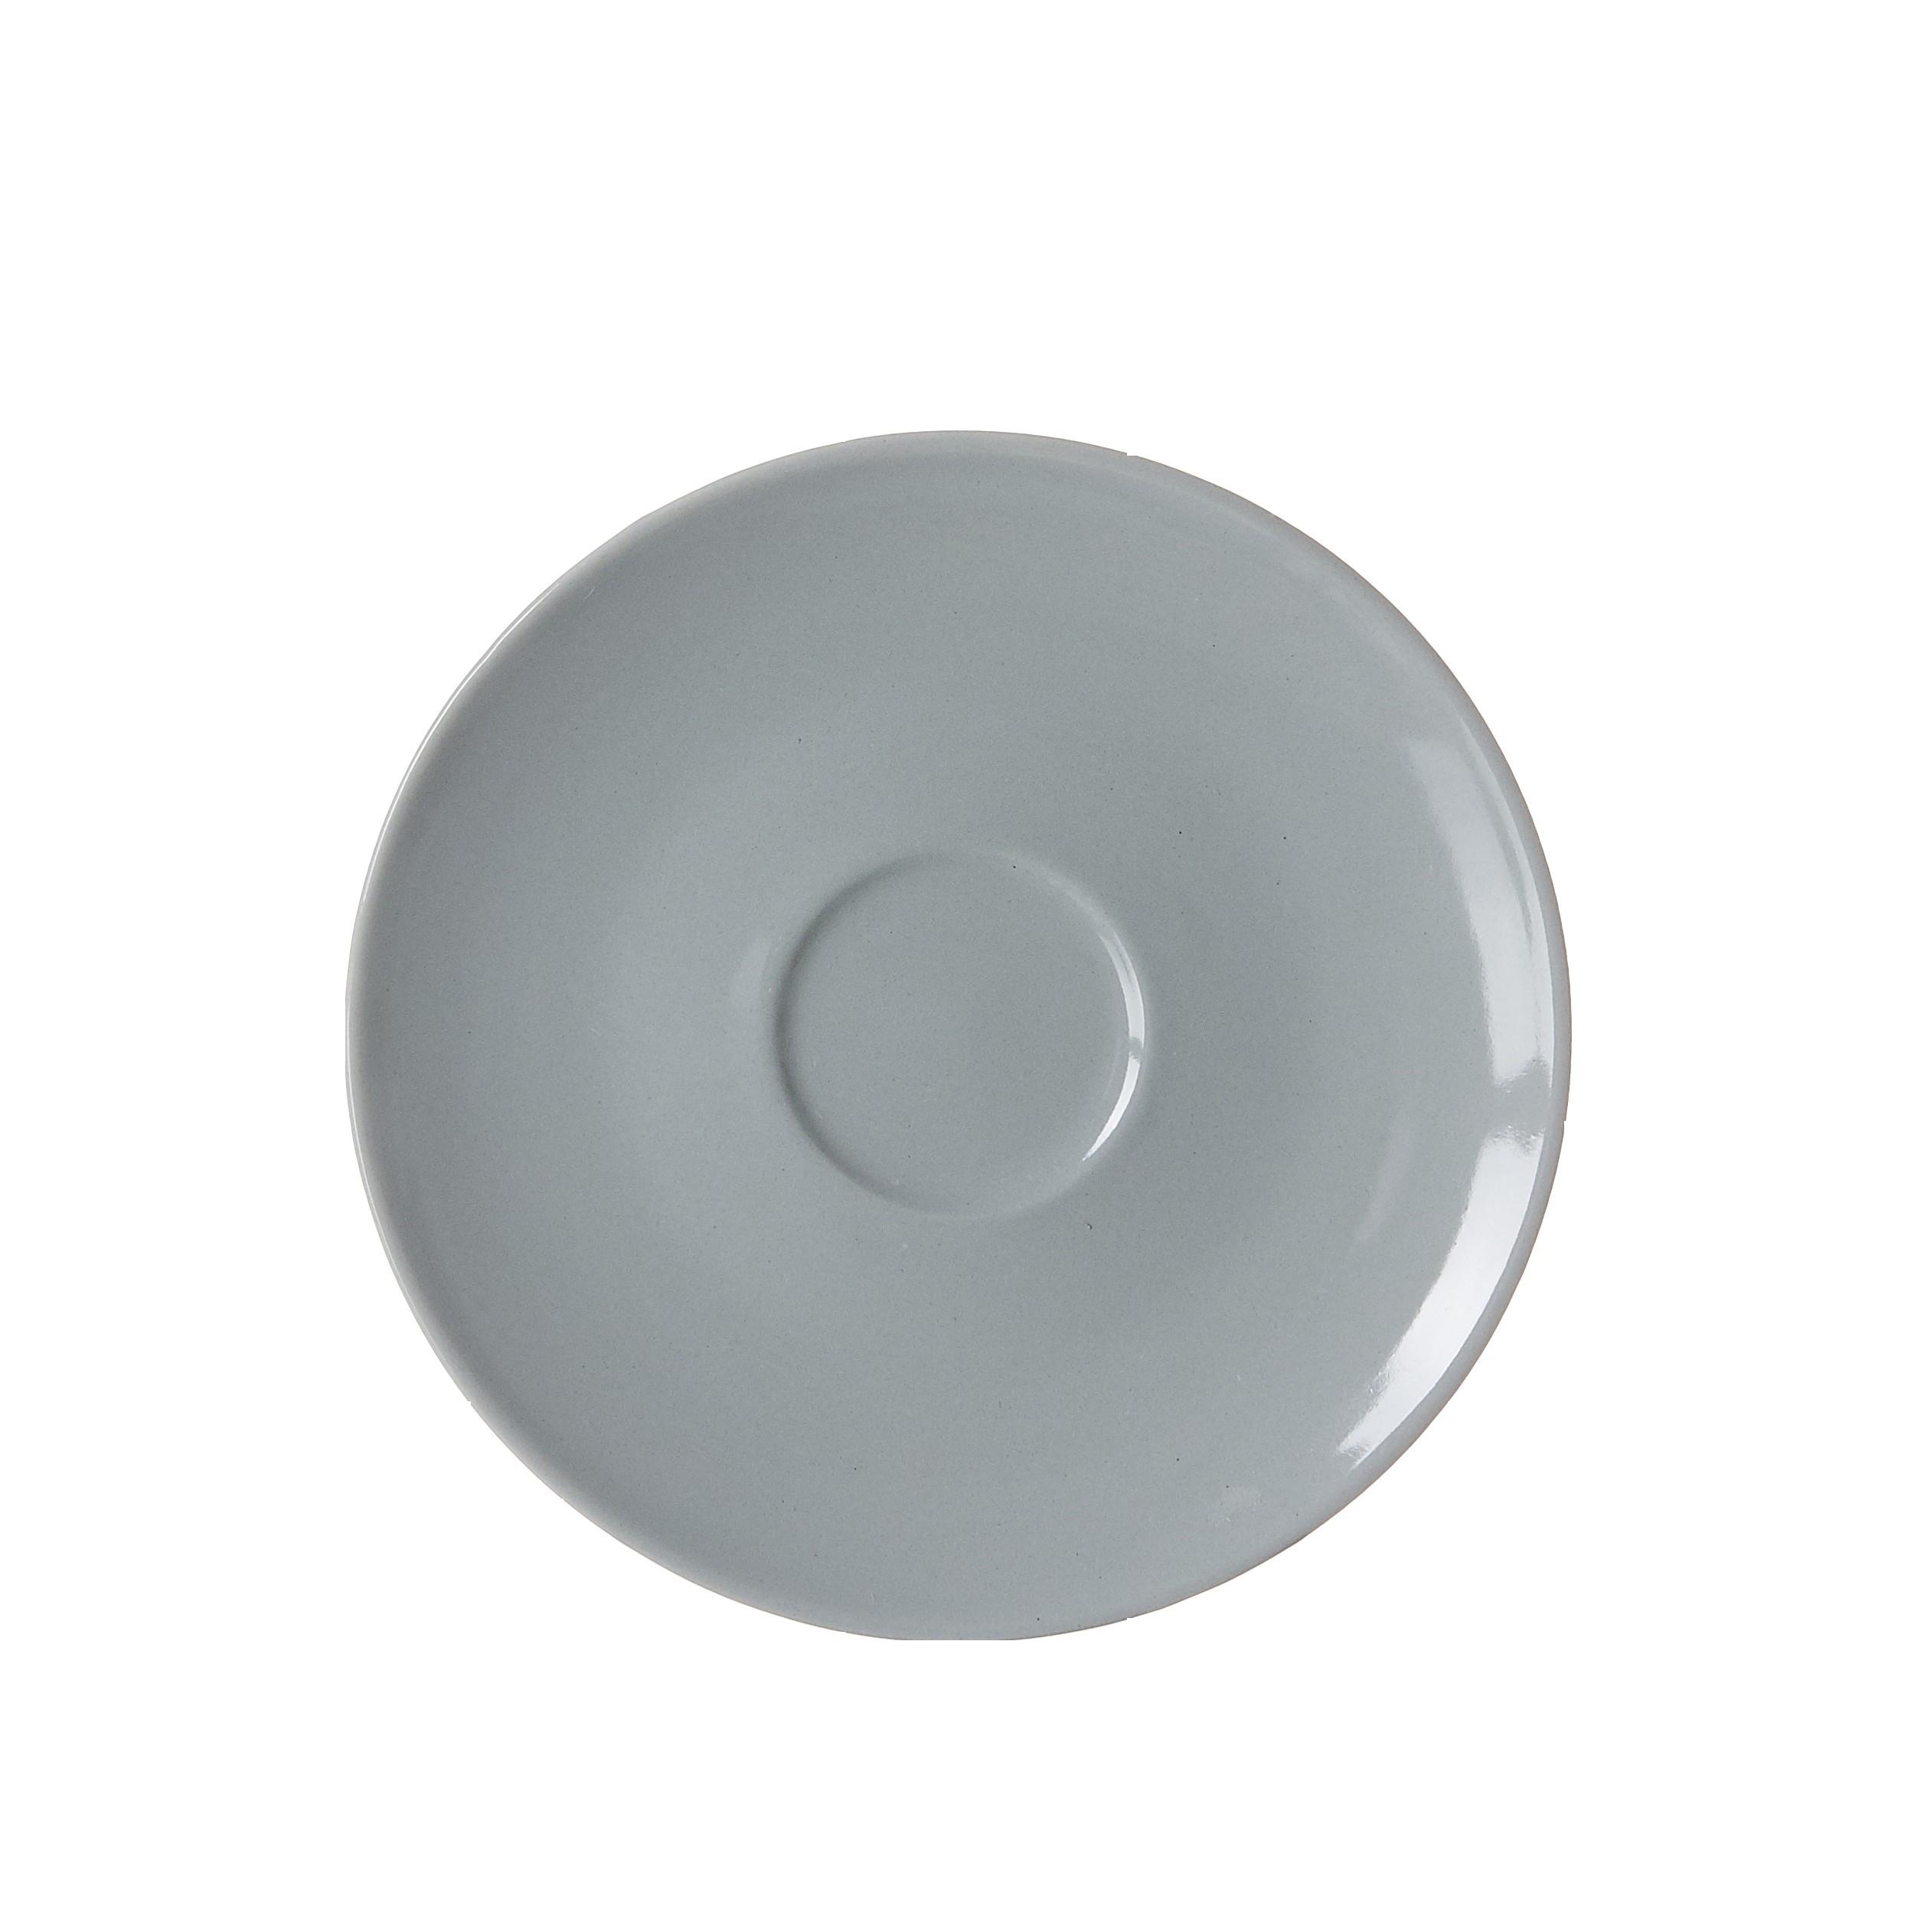 ESPRESSOUNTERE 11,5 GRAU-BLAU SUOMI Standard